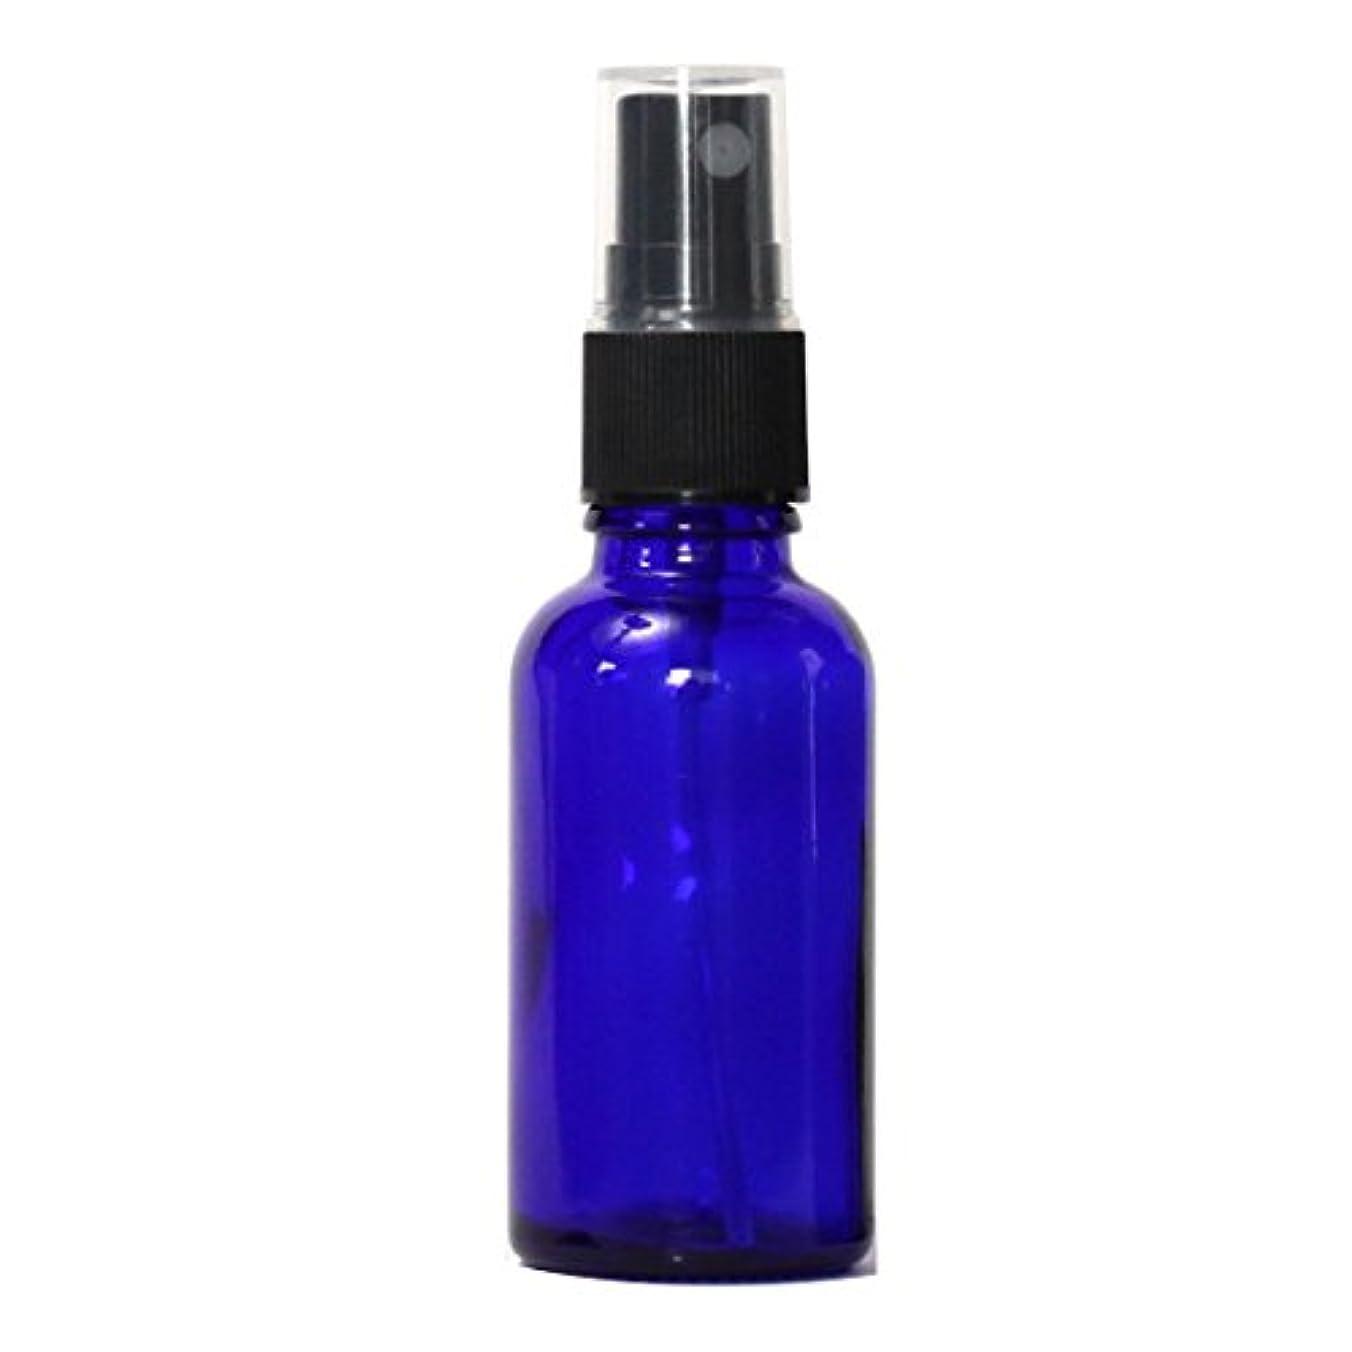 くびれた冷笑する狐スプレーガラス瓶ボトル 30mL 遮光性ブルー おしゃれガラスアトマイザー 空容器